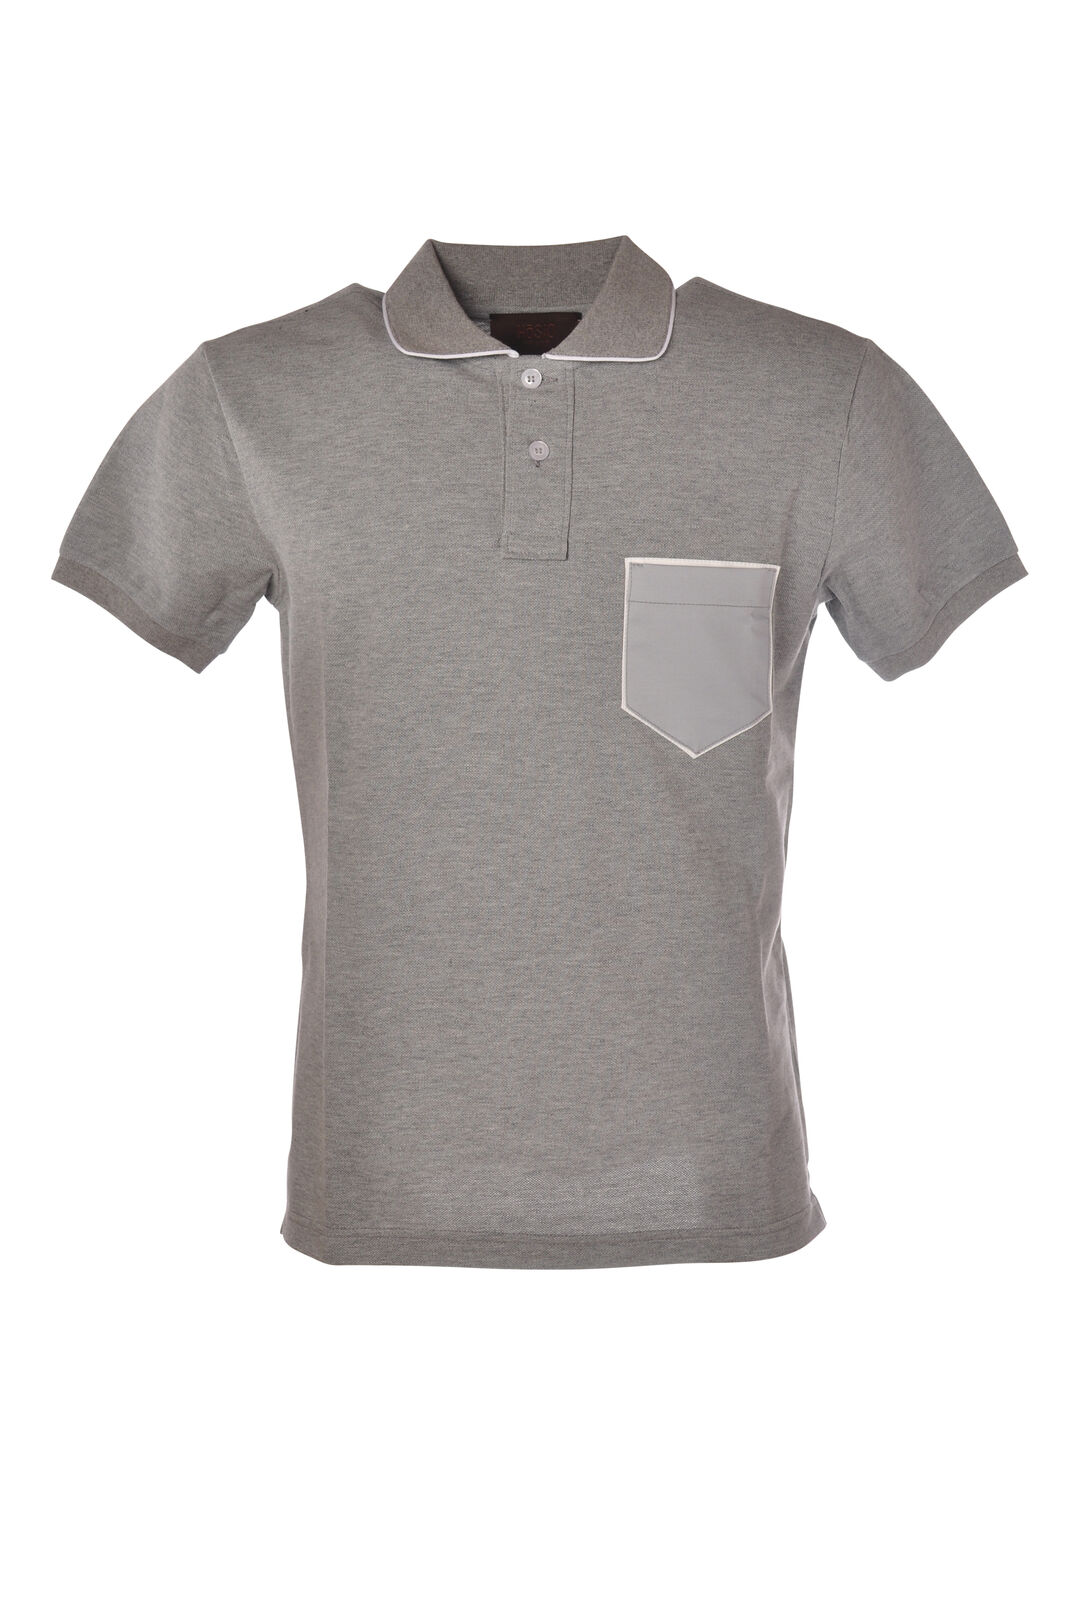 Hosio - Topwear-Polo - Man - Grey - 5324831G185221